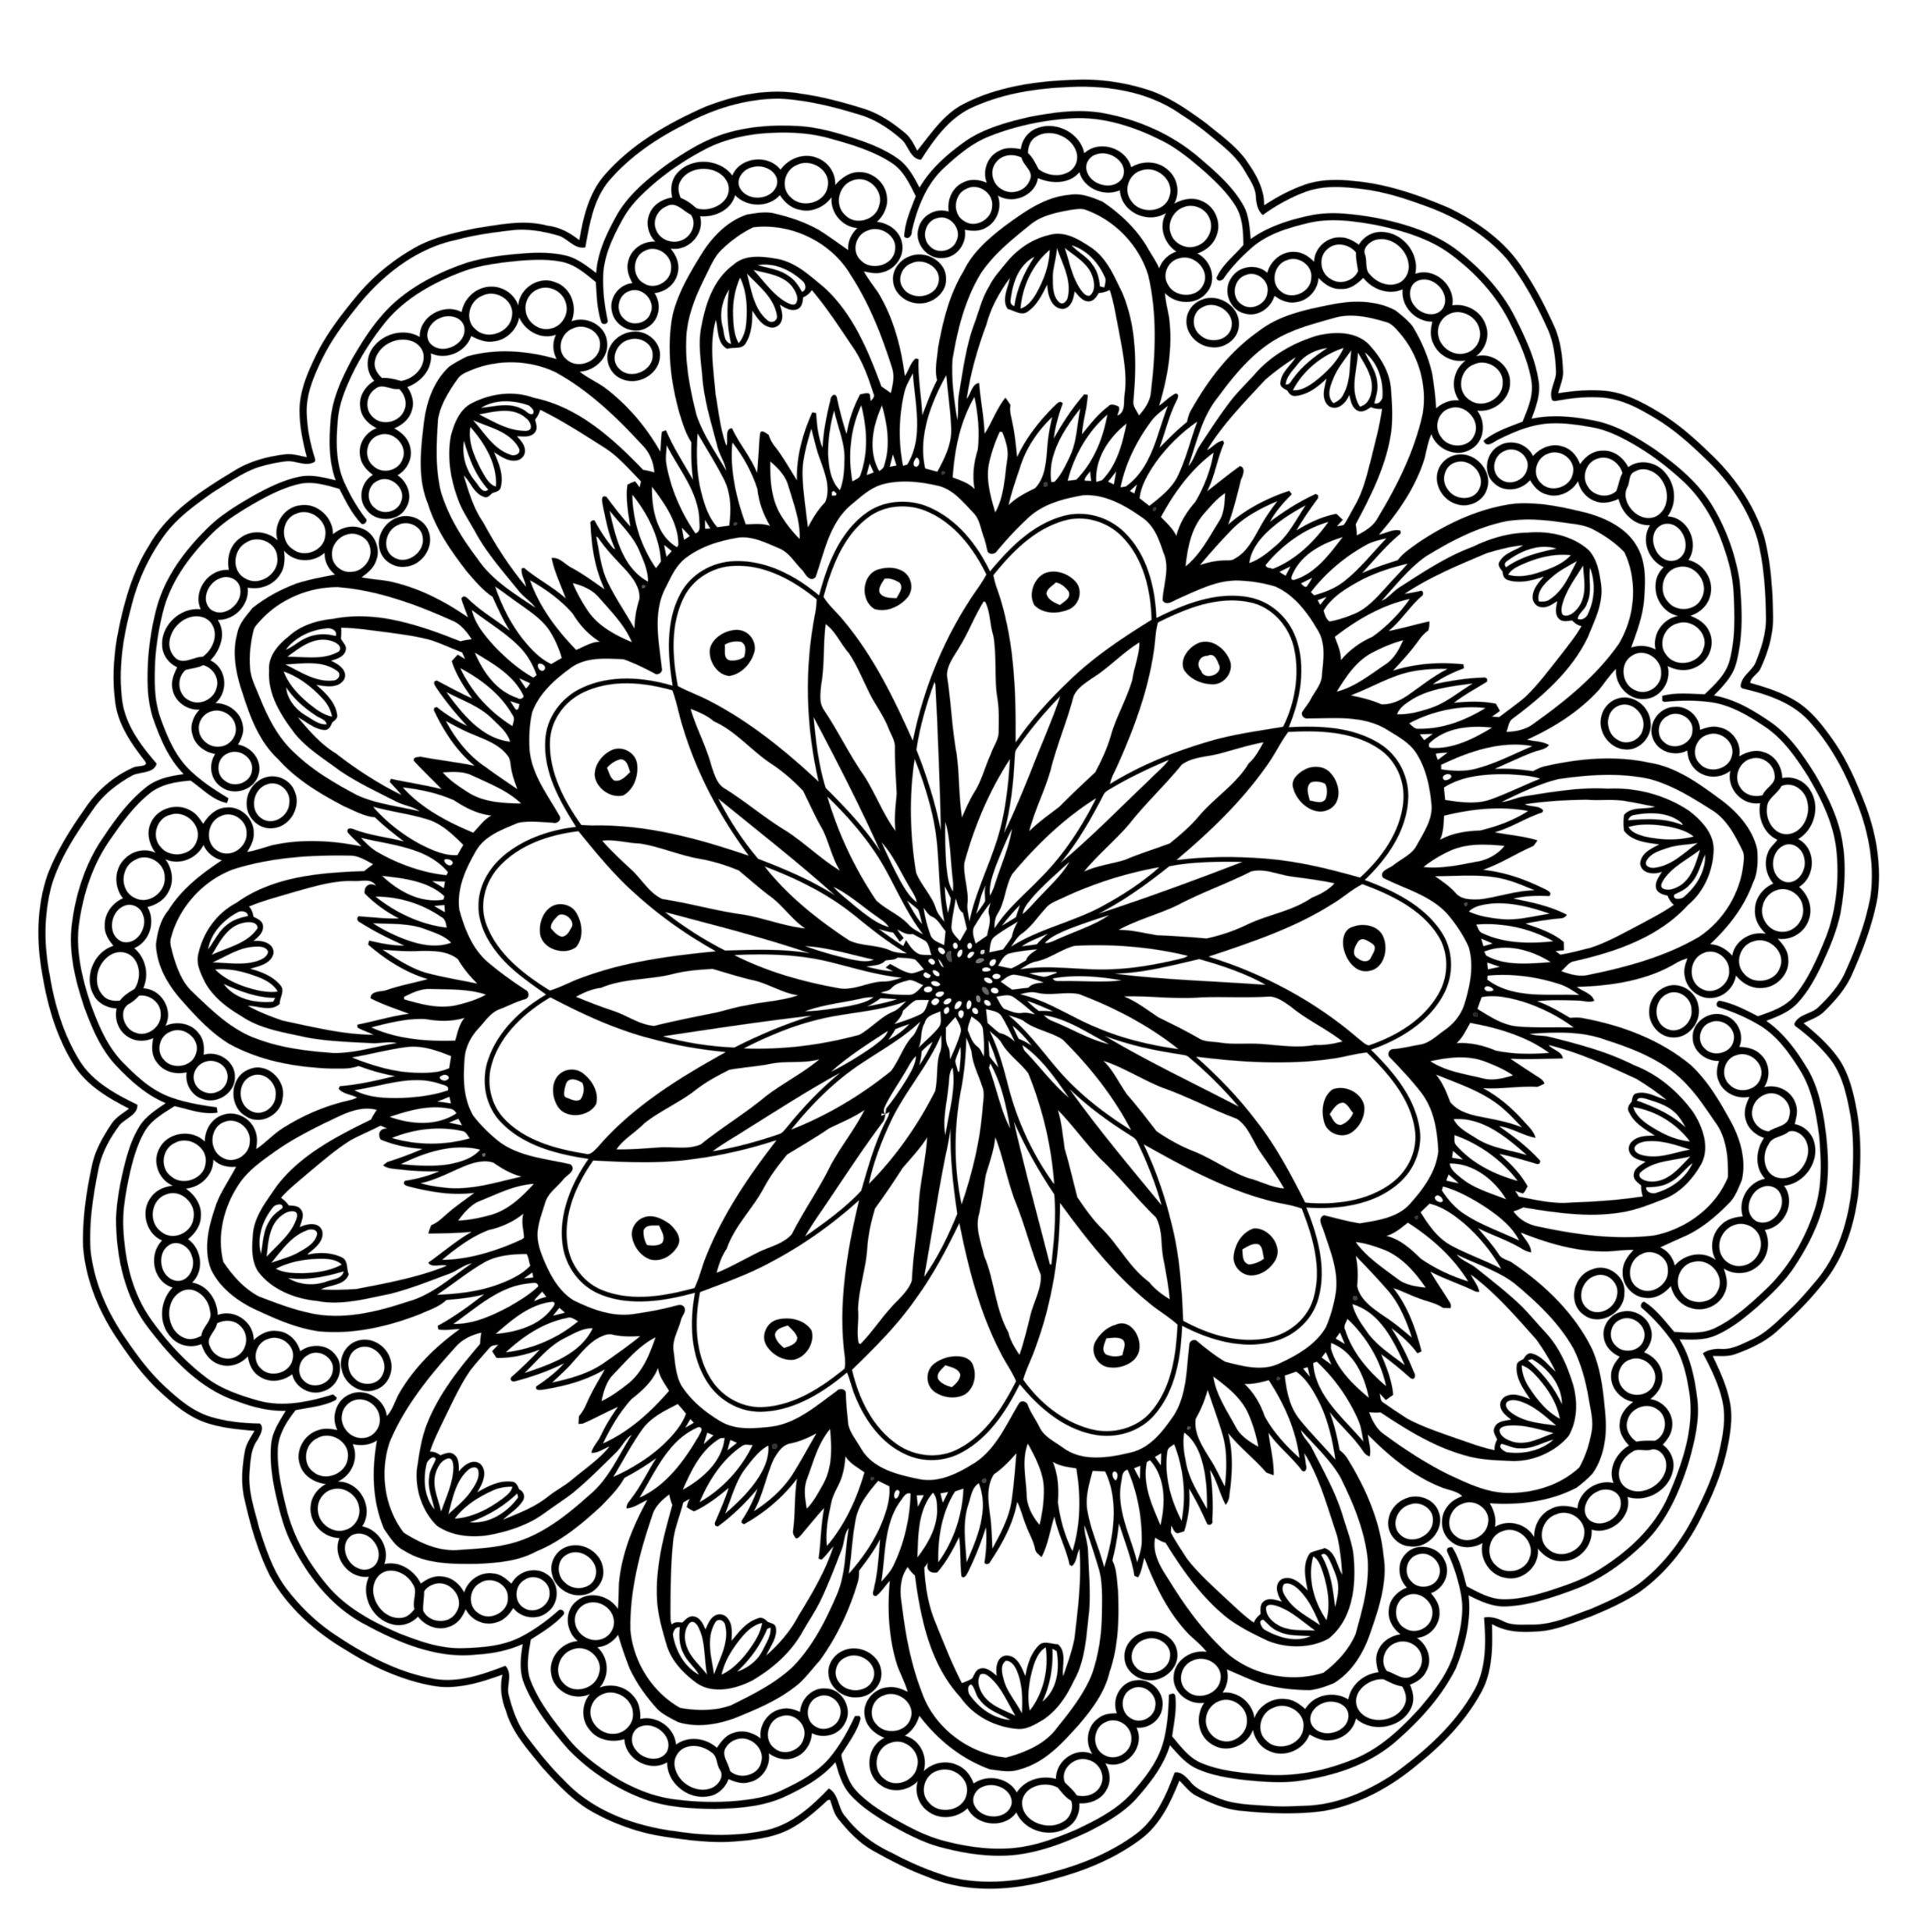 Kostenlose Mandalavorlagen Zum Herunterladen Mandala Vorlage Ausmalbilder Zeichnen Mandala Malen Anleitung Mandalas Mandala Zum Ausdrucken